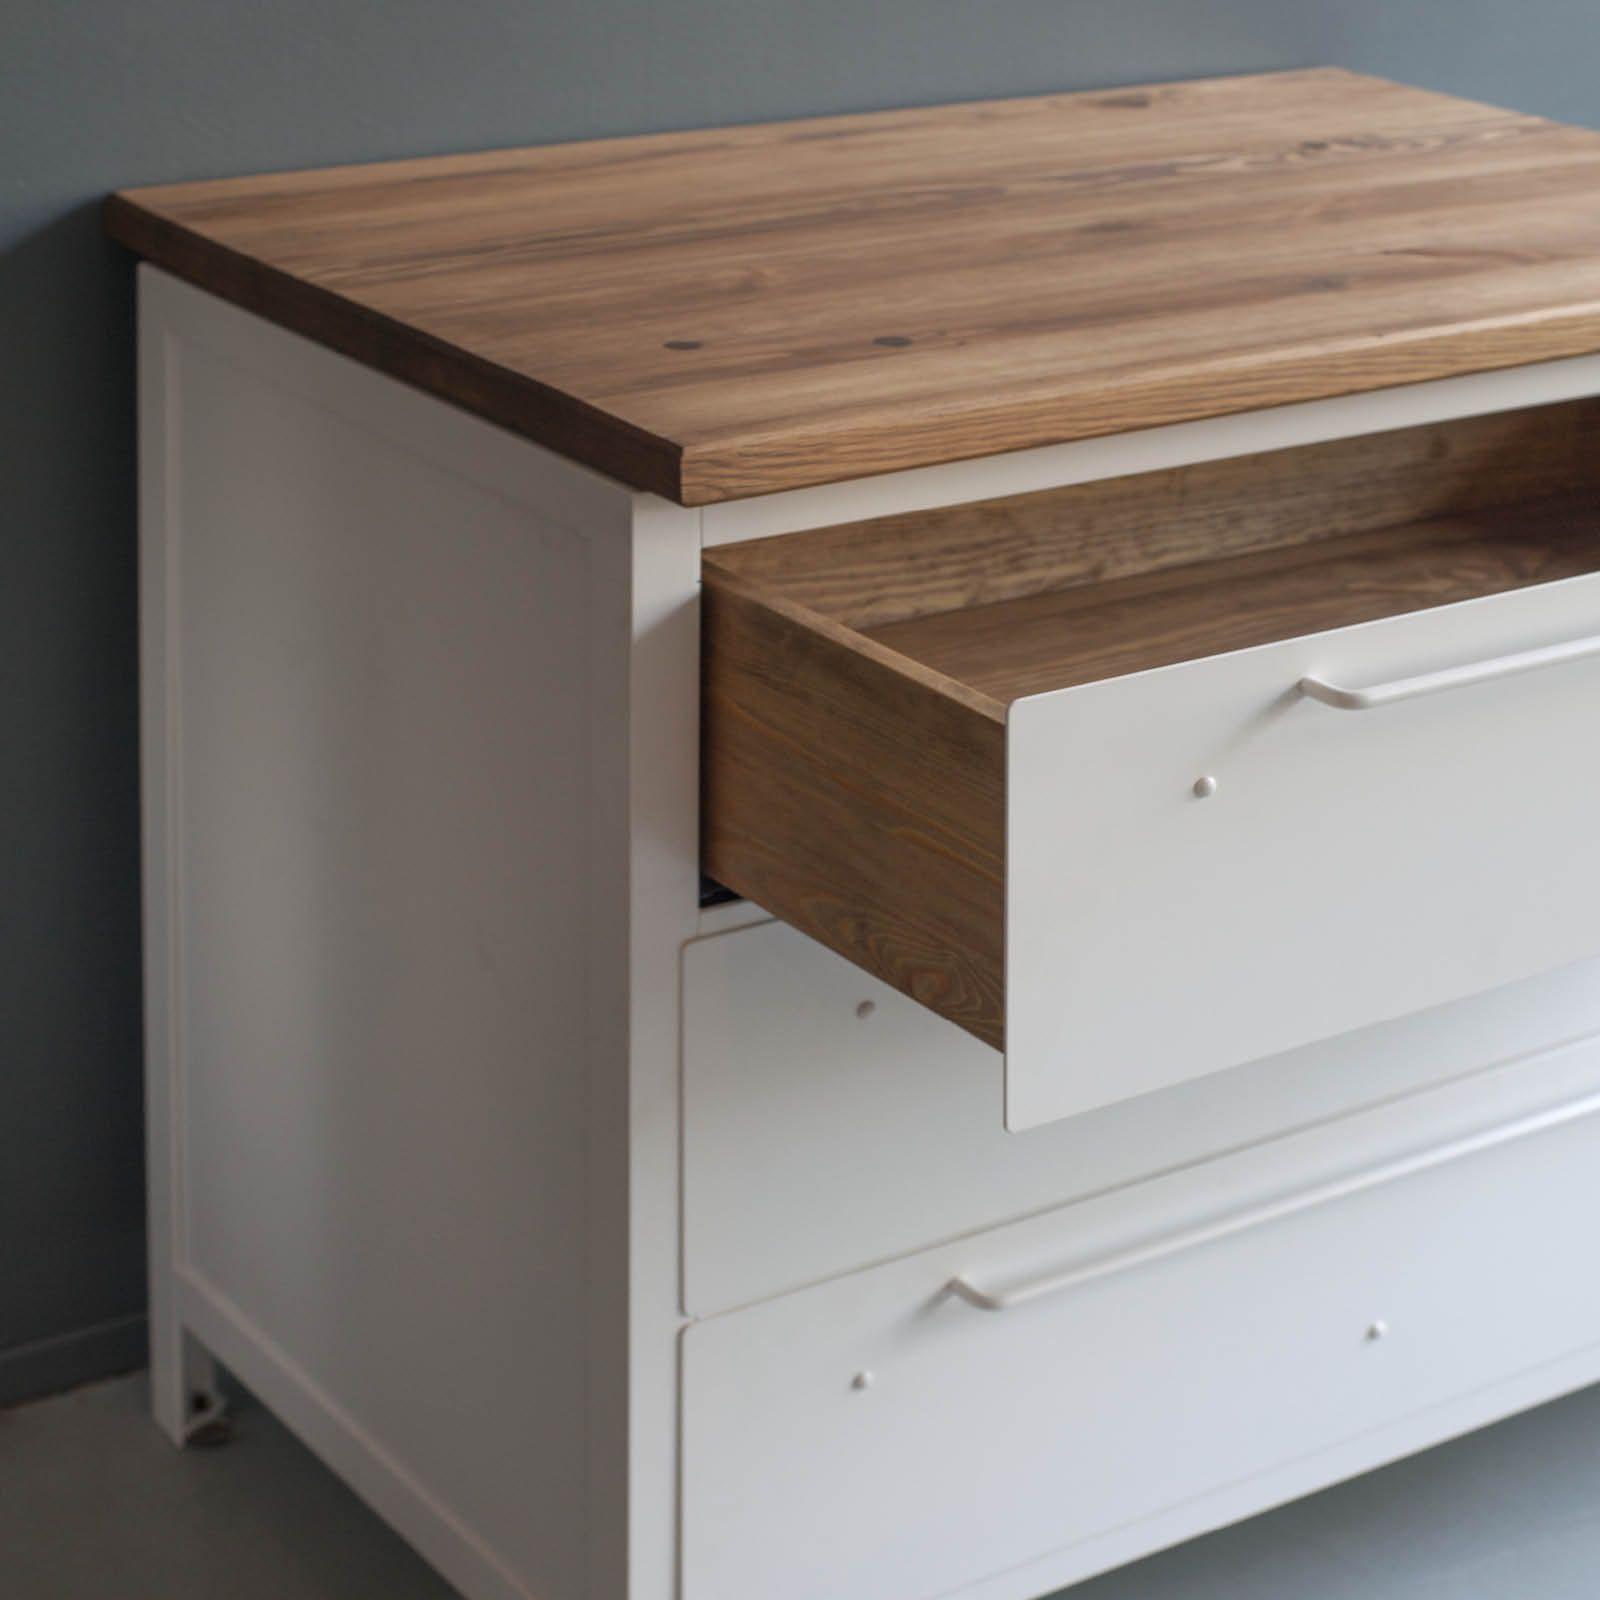 Schubladenschrank B Aus Stahl Und Holz Im Industrie Stil Jetzt Kaufen Schubladenschrank Schubladen Schrank